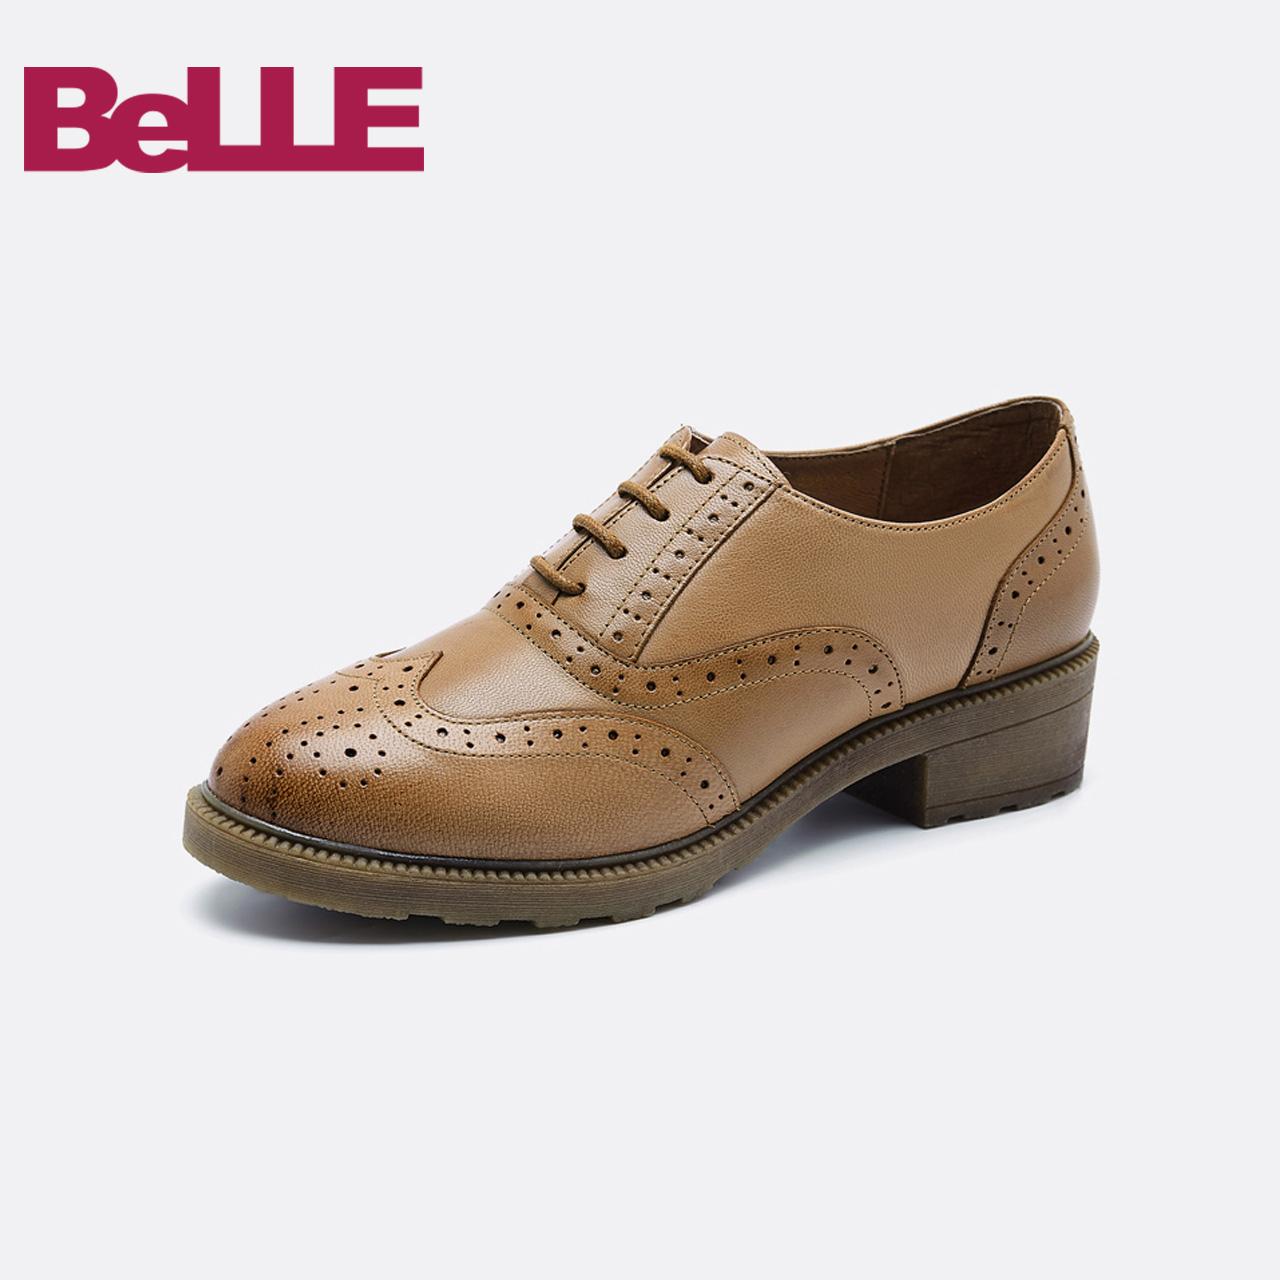 百丽女鞋秋季商场同款羊皮英伦风布洛克雕花学院风单鞋R4B1DCM7